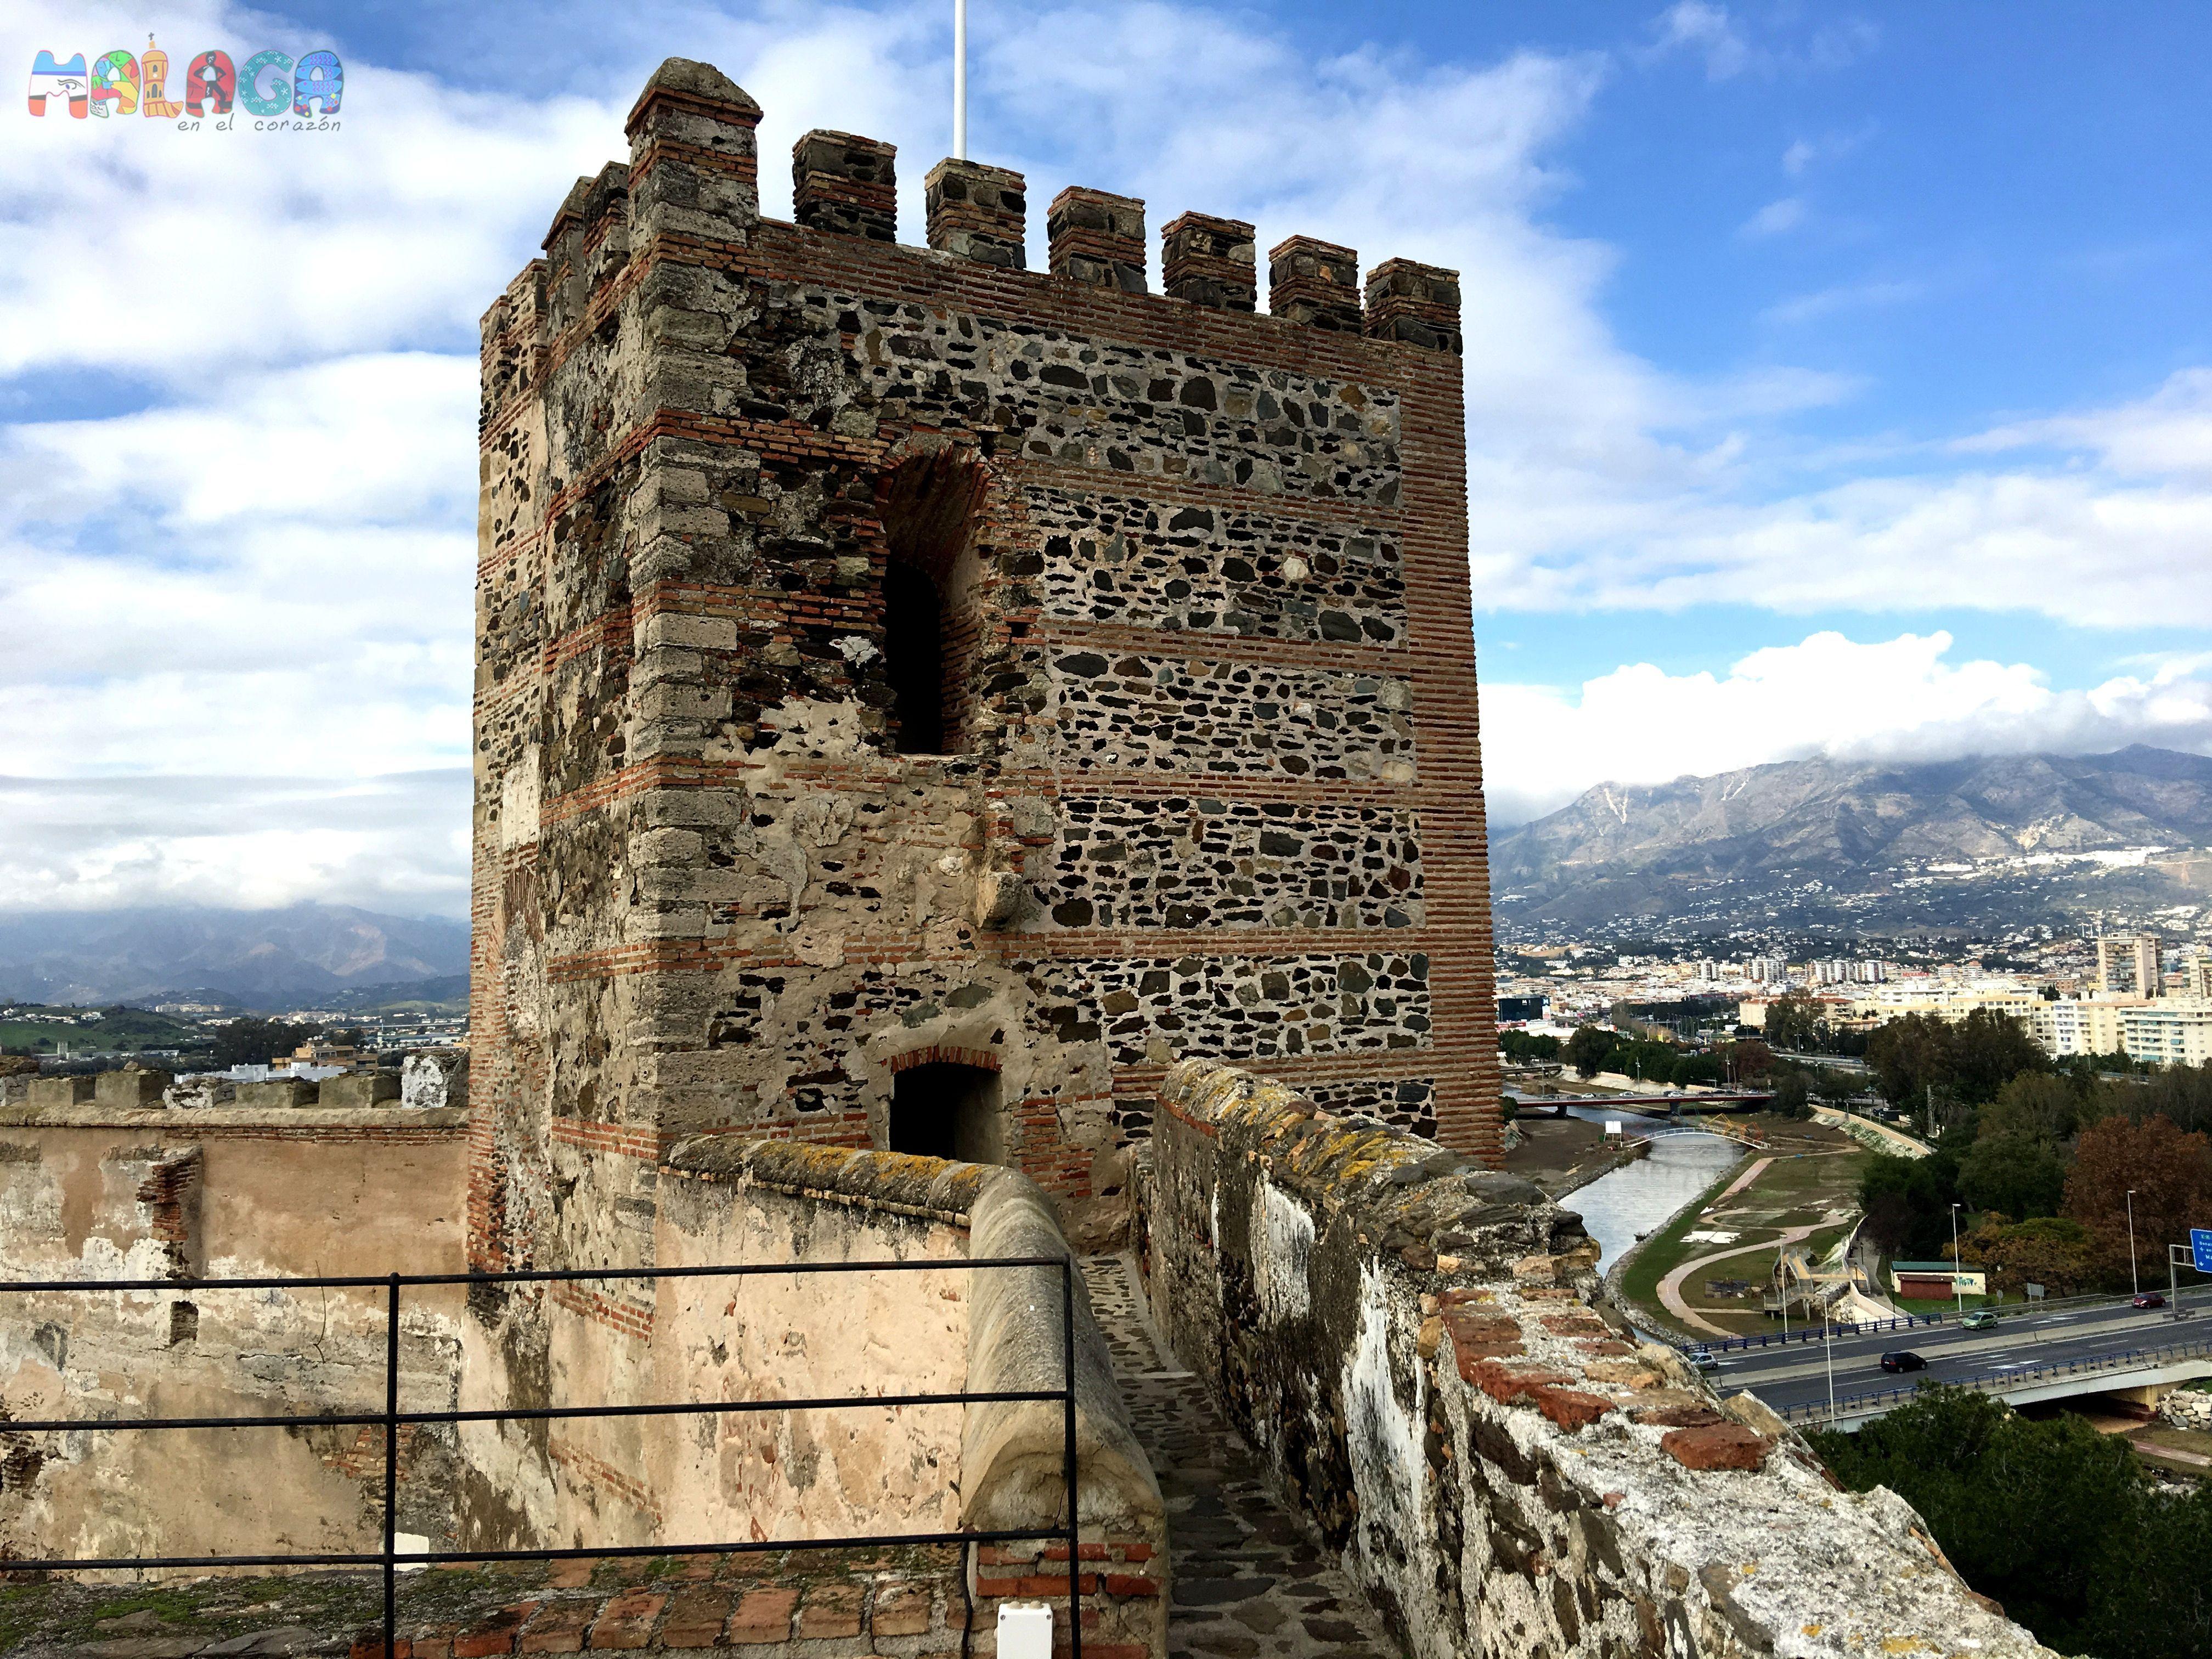 Castillo-Sohail8